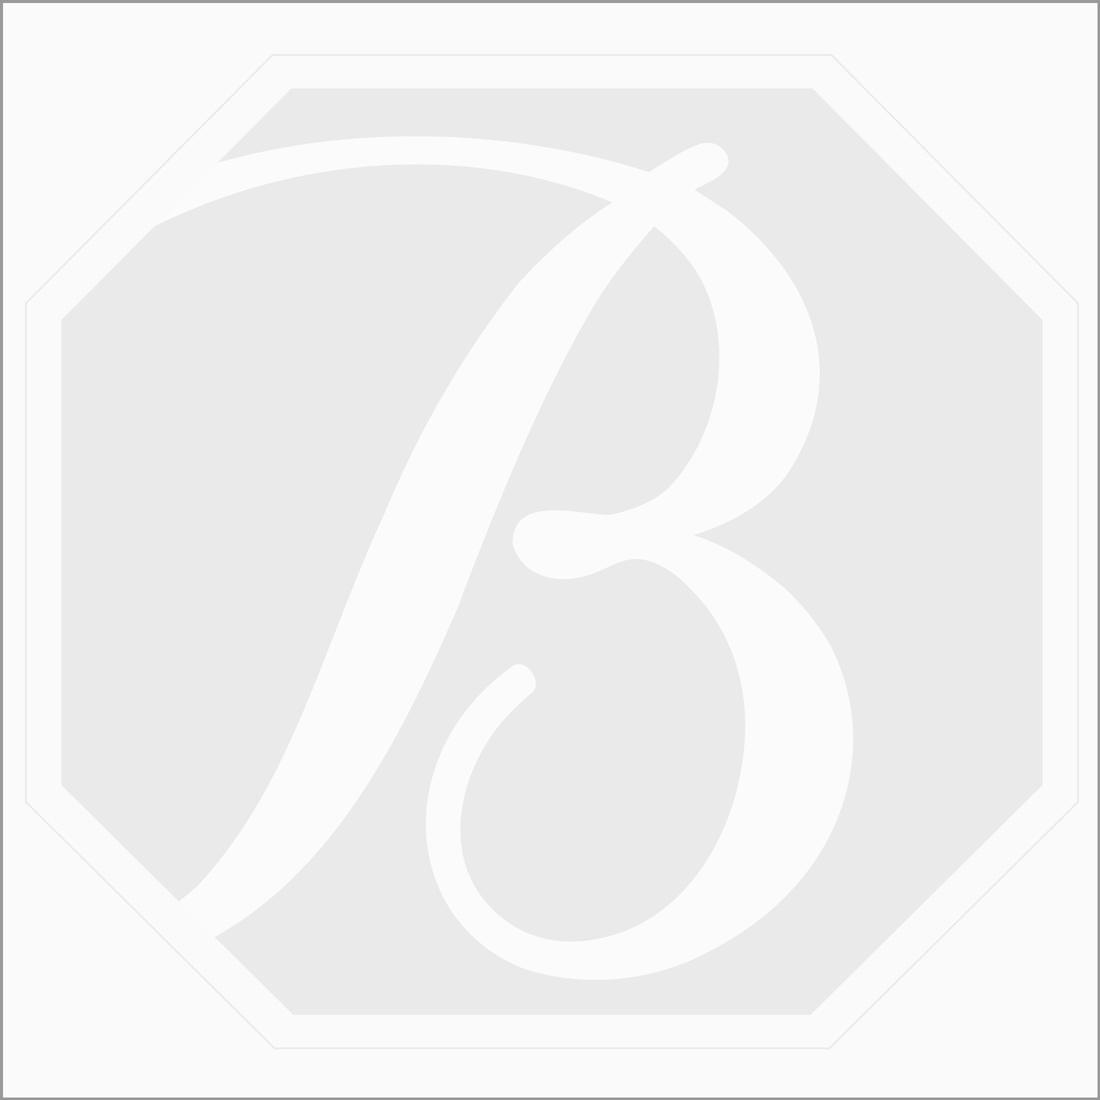 2 Pcs - 20.25 ct. - Grey Tourmaline Rose Cut -24.4 x 14.3 x 3.6 mm to 24.4 x 14.5 x 3.5 mm (TRC1117)